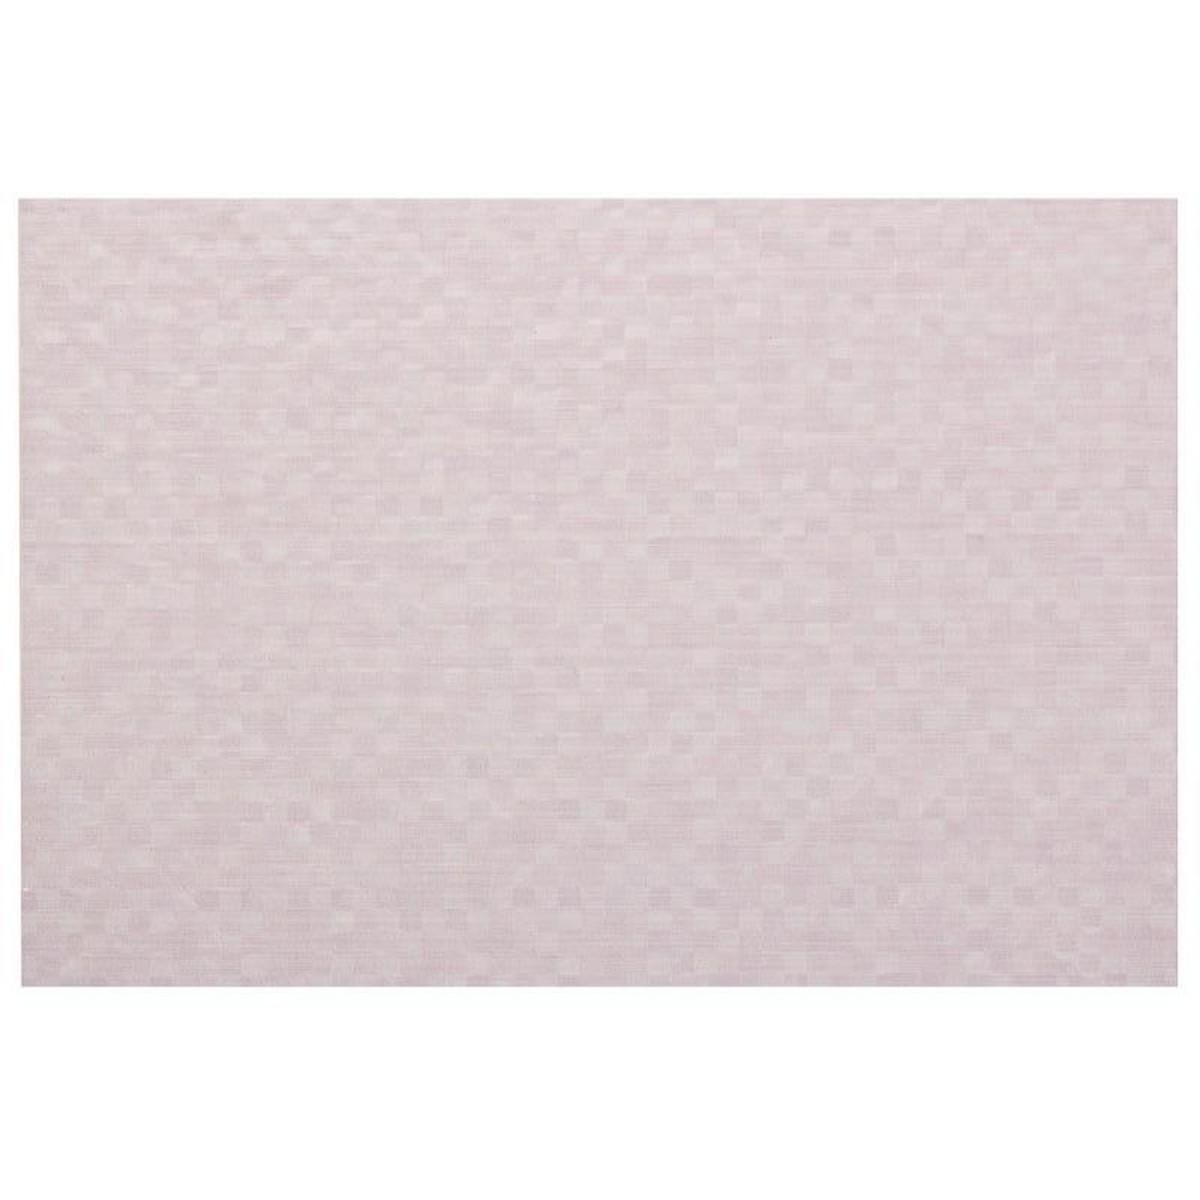 Плитка настенная Виола 28х40 см 1.232 м2 цвет фиолетовый